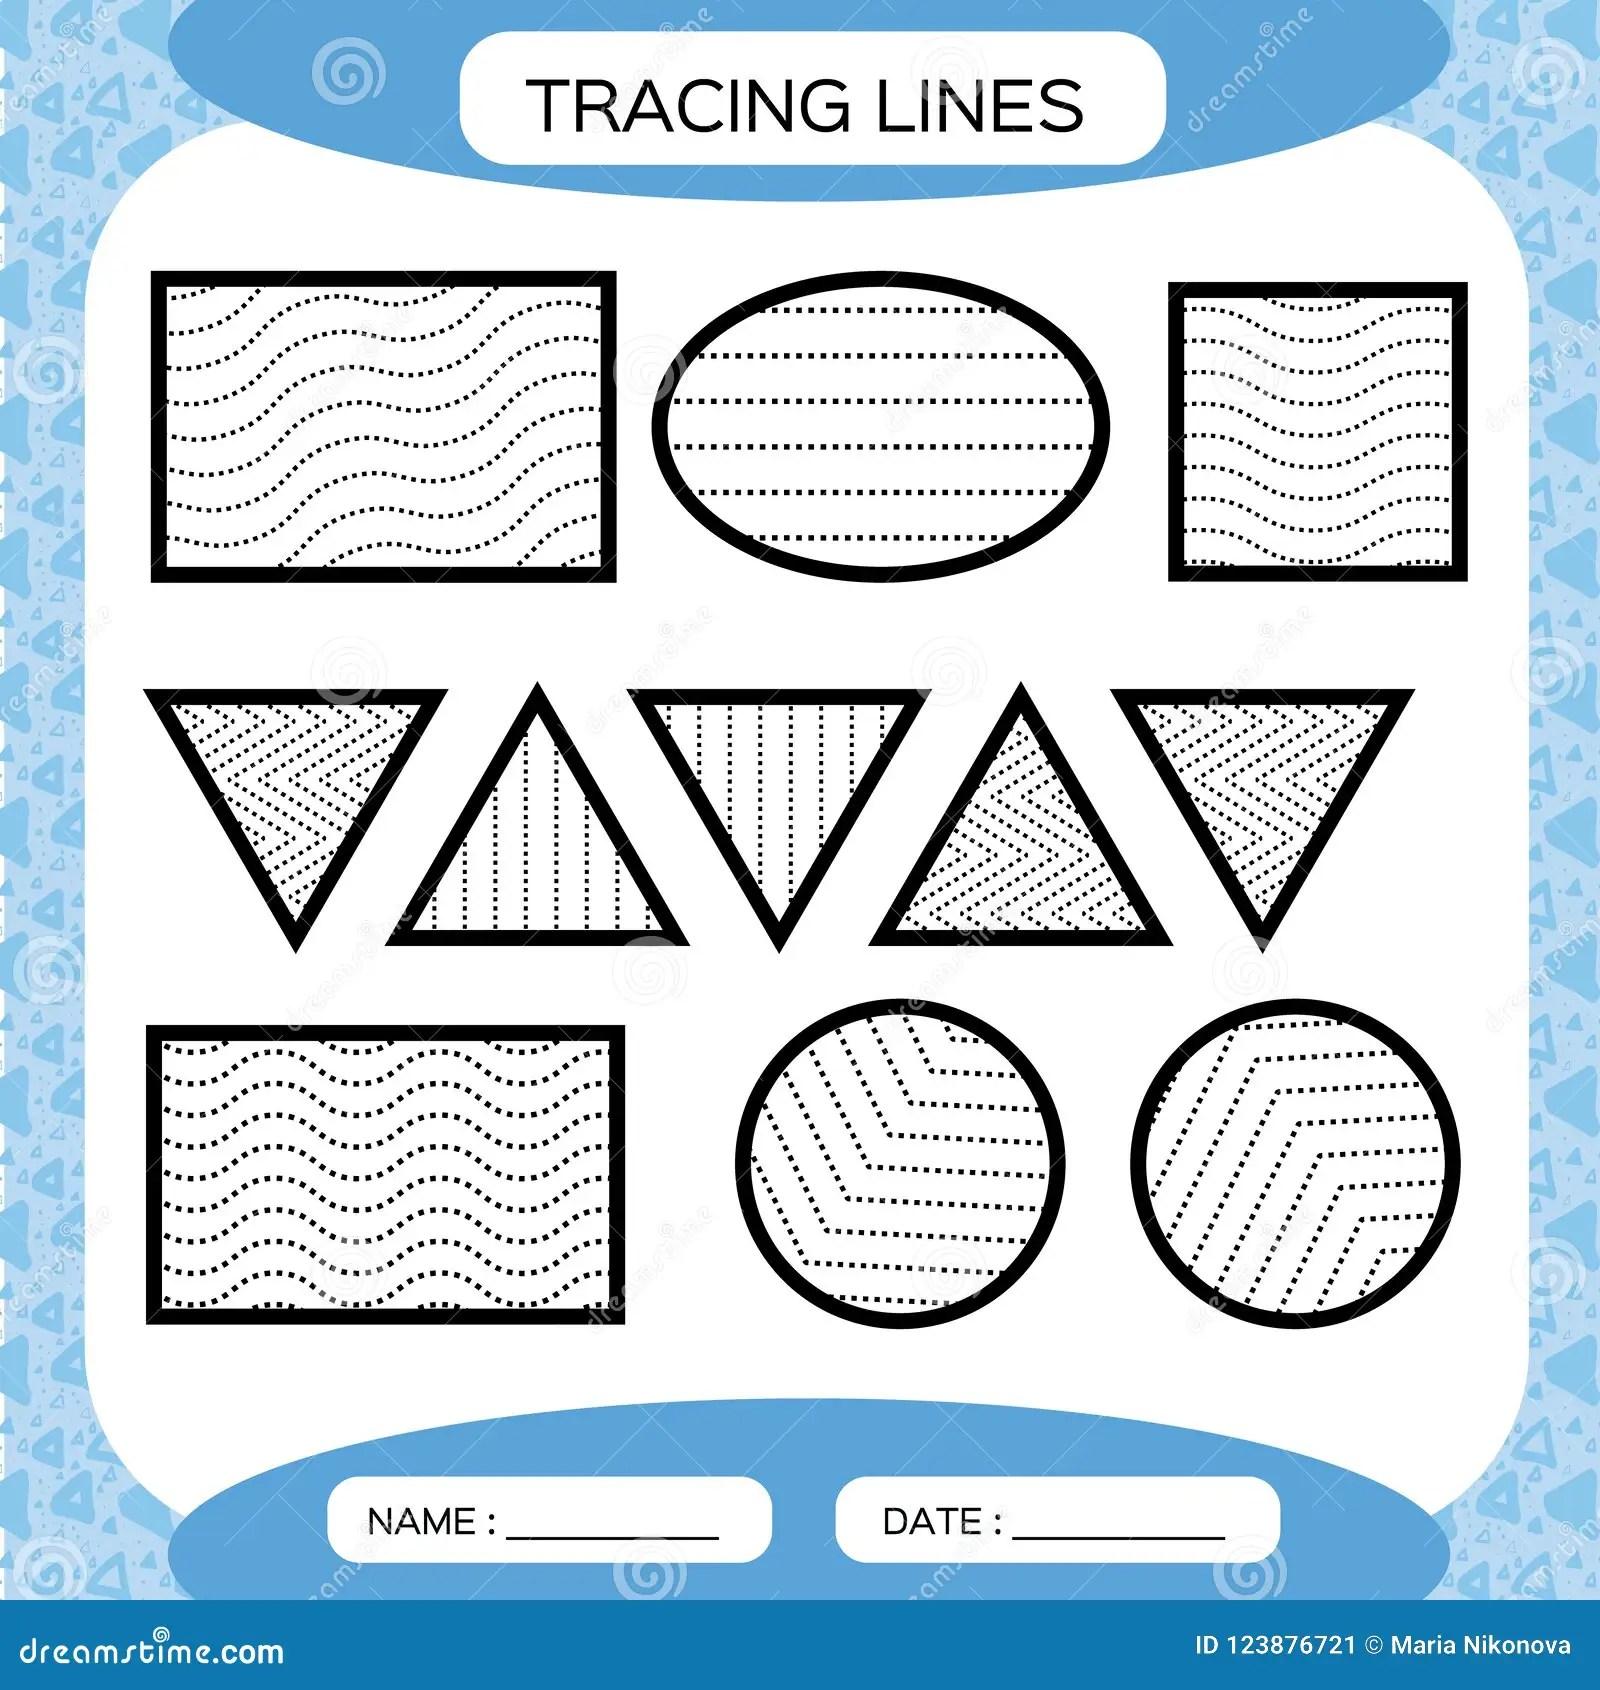 Tracing Lines Kids Education Preschool Worksheet Basic